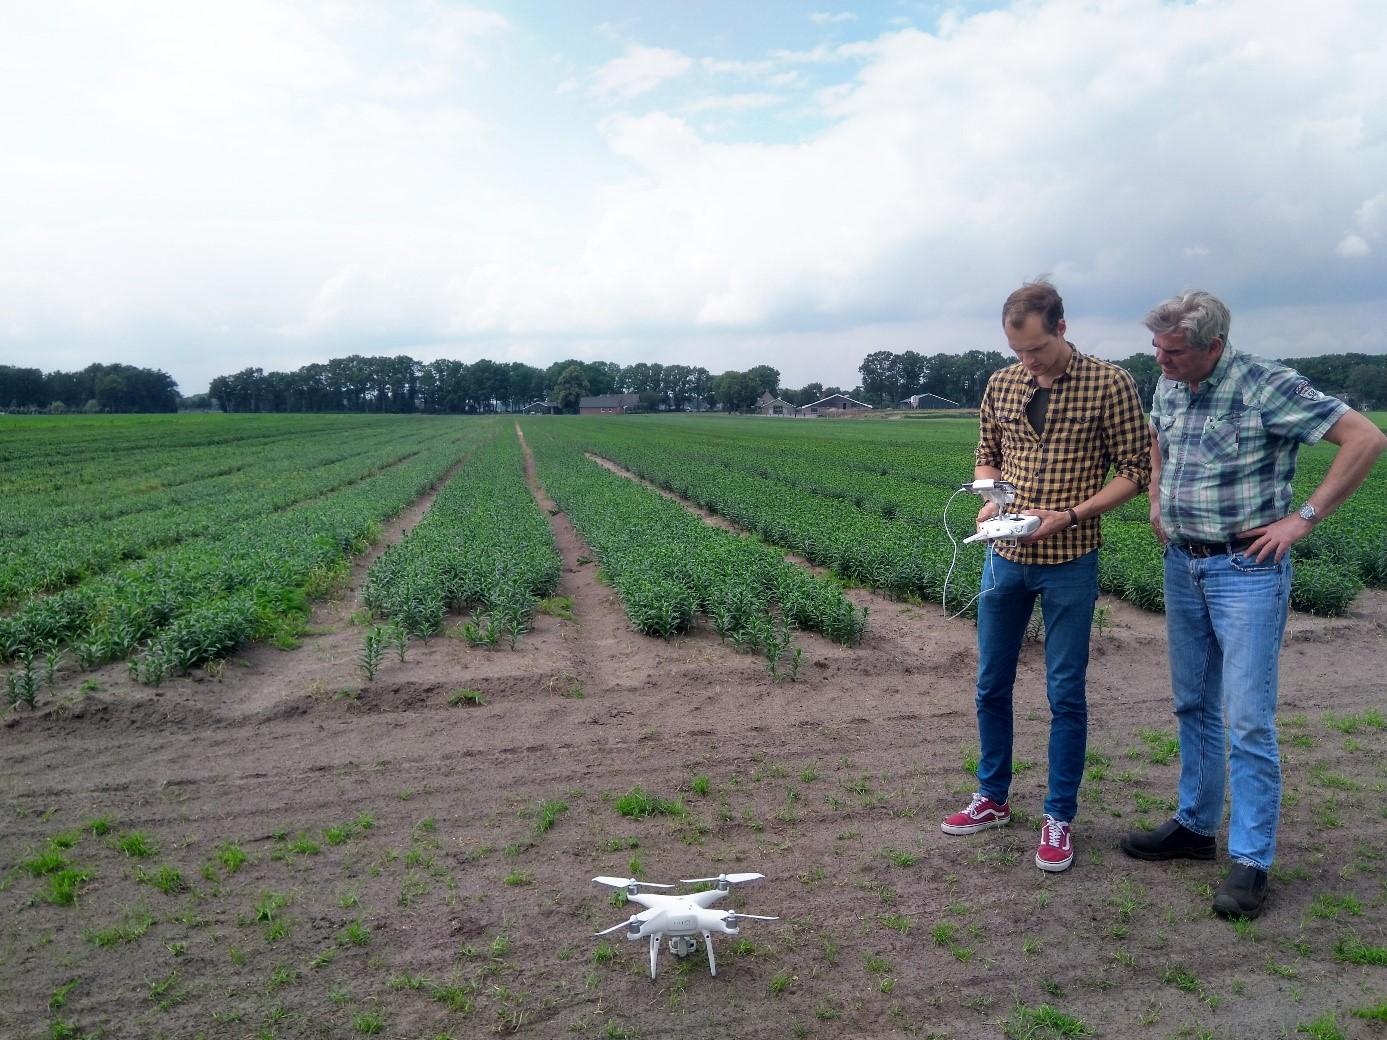 Kaz geeft uitleg aan Sjaak hoe de drone te gebruiken.